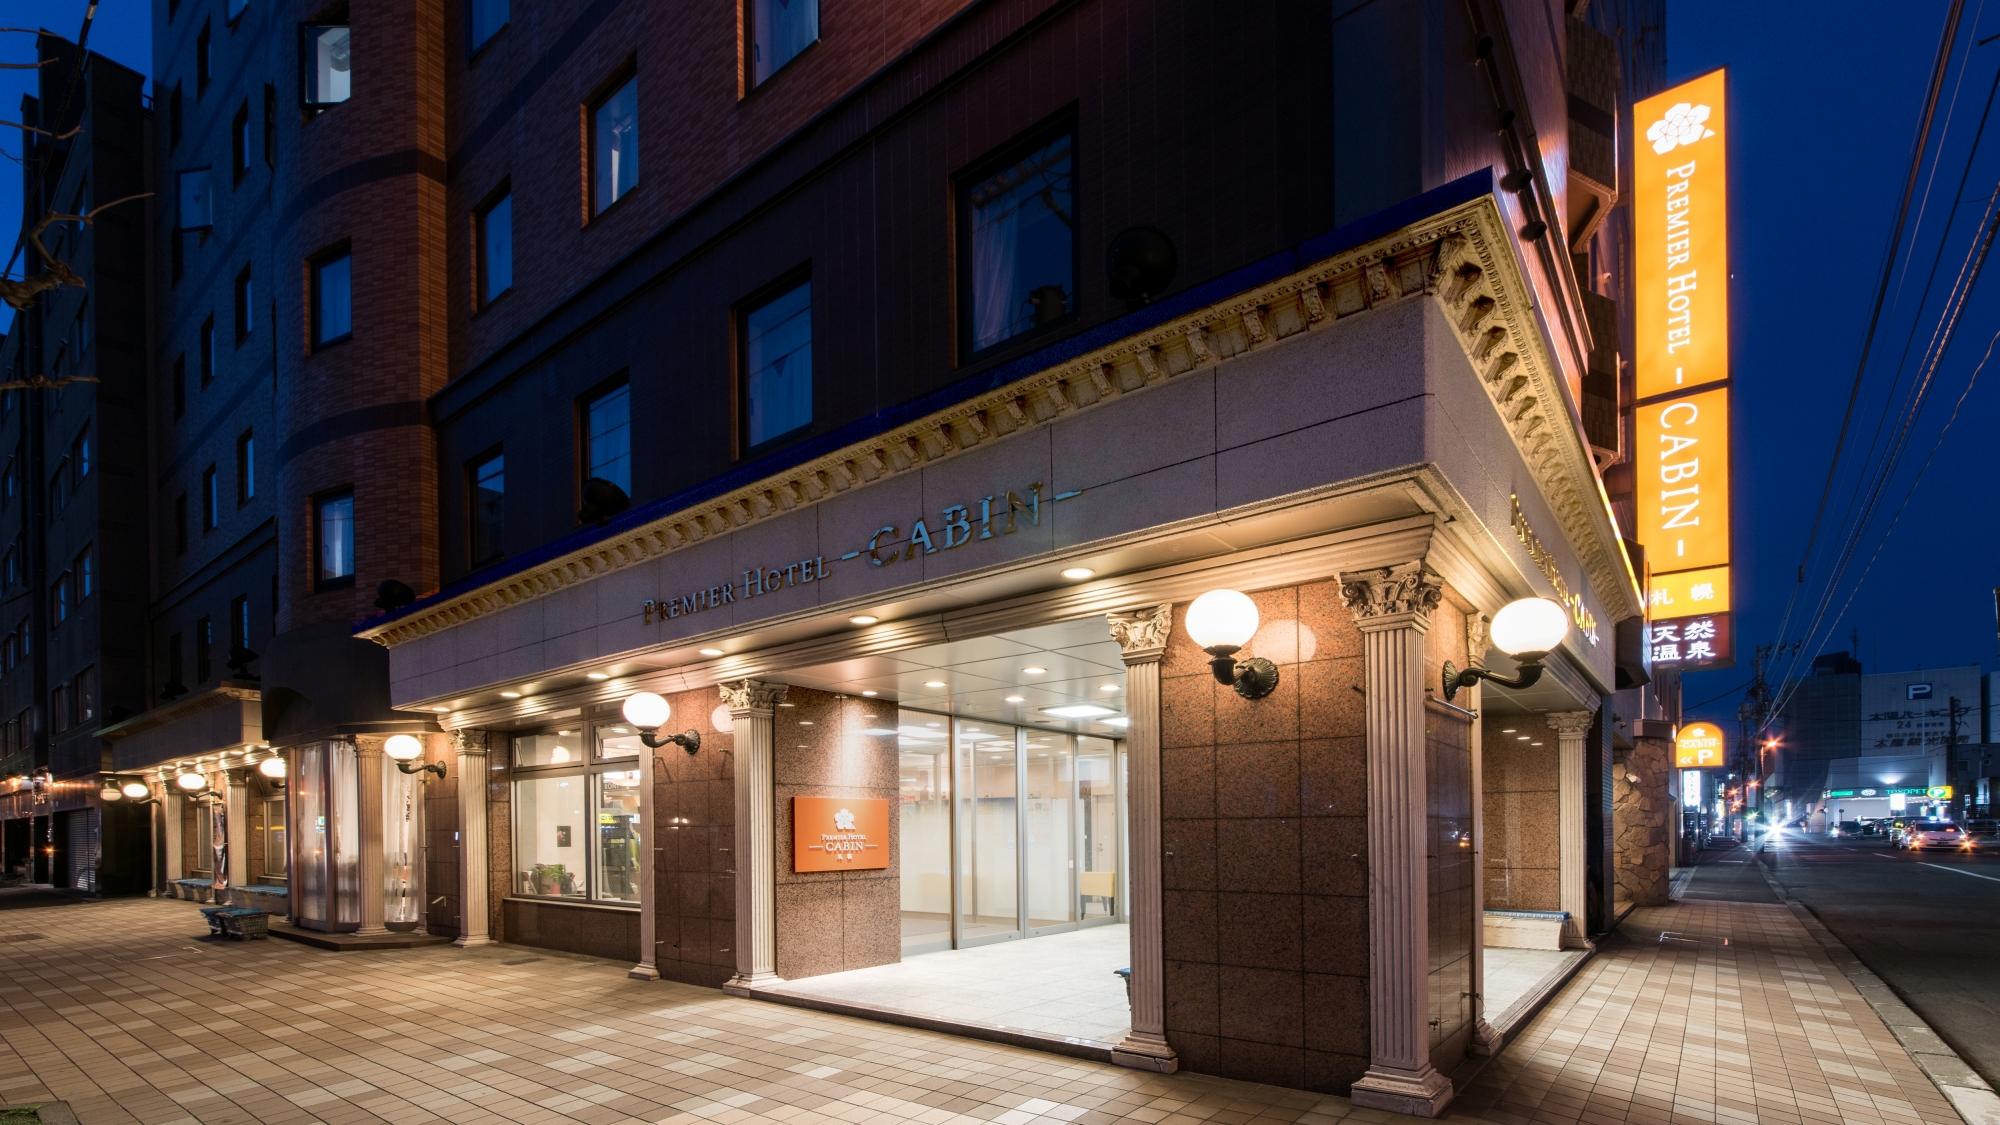 天然温泉プレミアホテル—CABIN—札幌